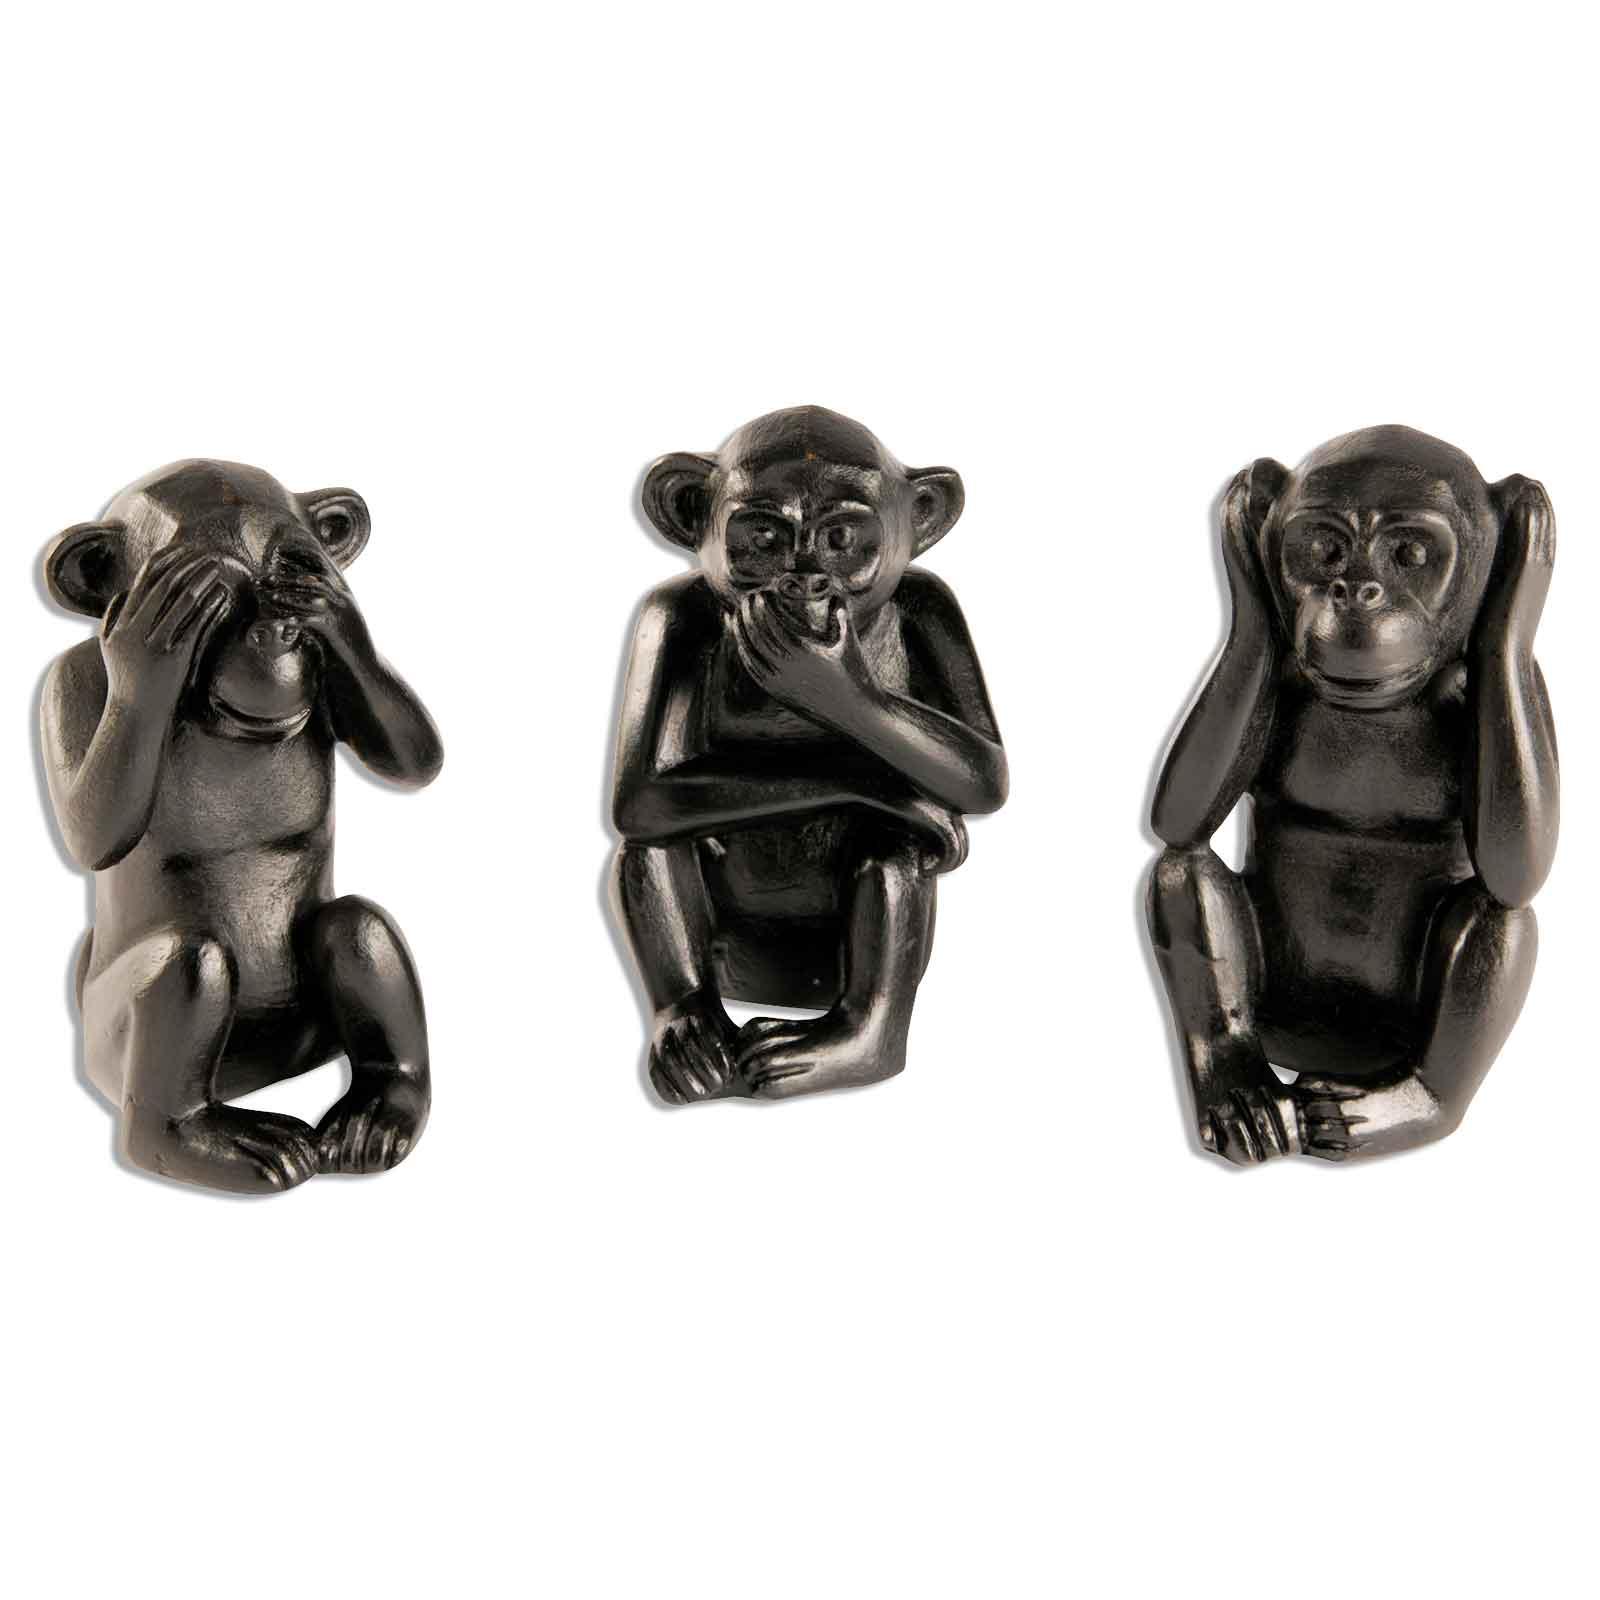 Dekofigur Affe Nichts Hören Sehen Oder Sagen Polystone